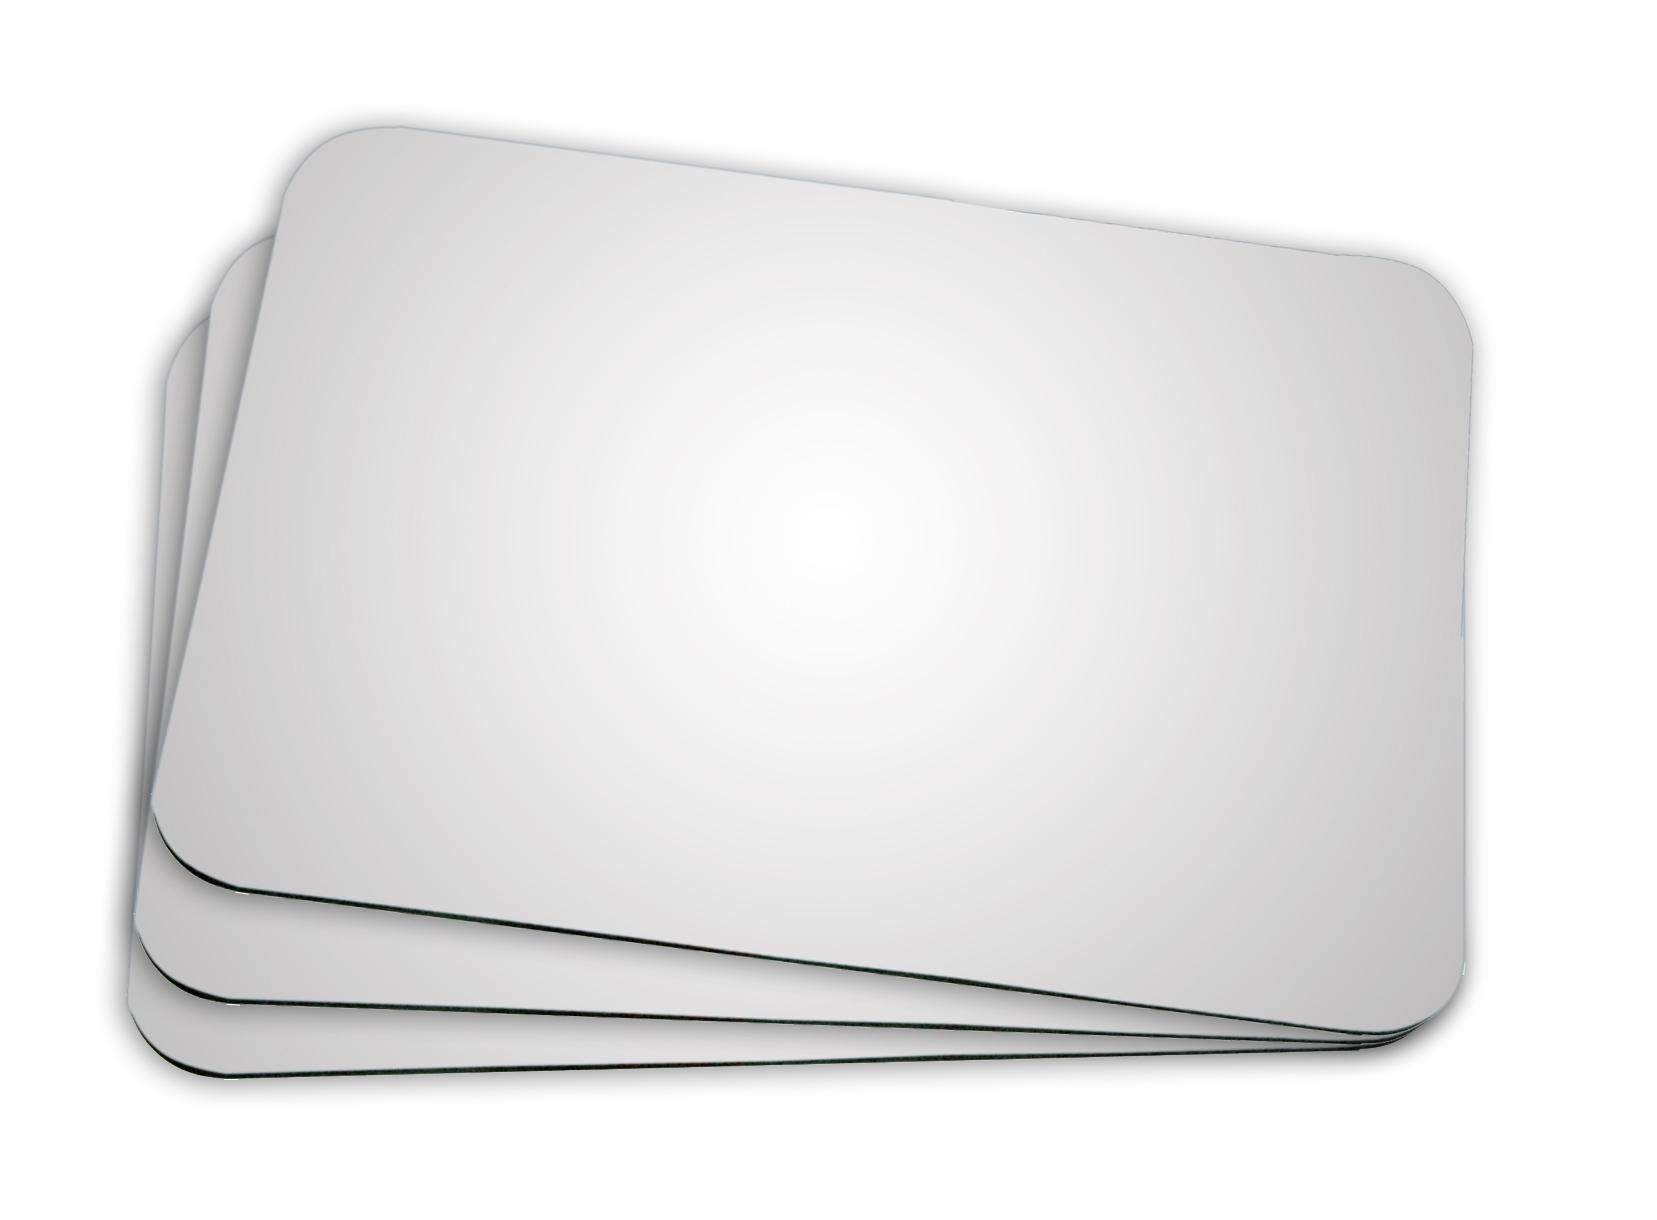 Mouse Pad Retangular P/ Sublimação 21,5X17,5 Cm (soldado) REF 201 - Valor Unitario